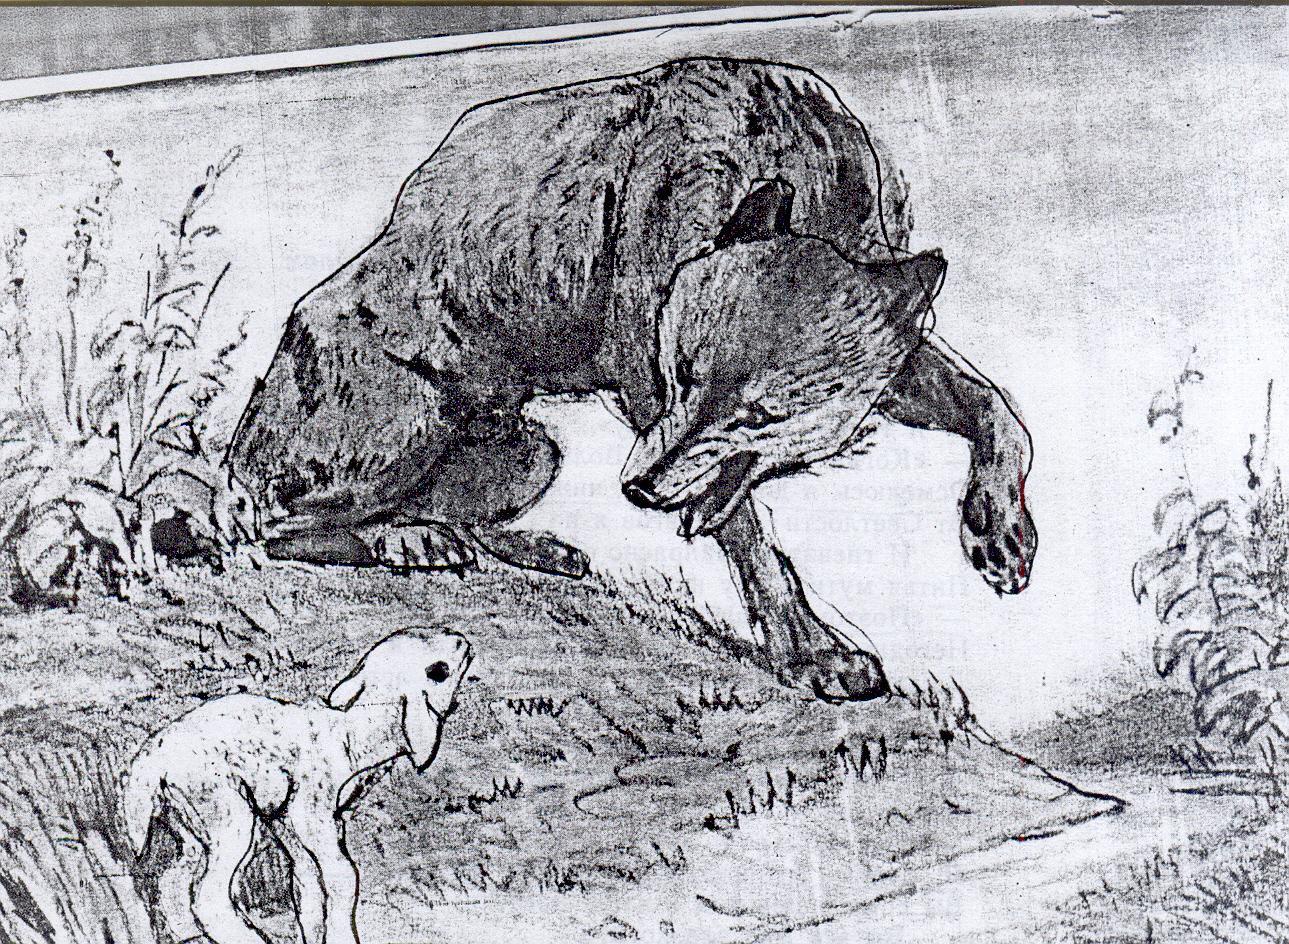 узнать, картинки как нарисовать волка и ягненка поверхность раковин поможет